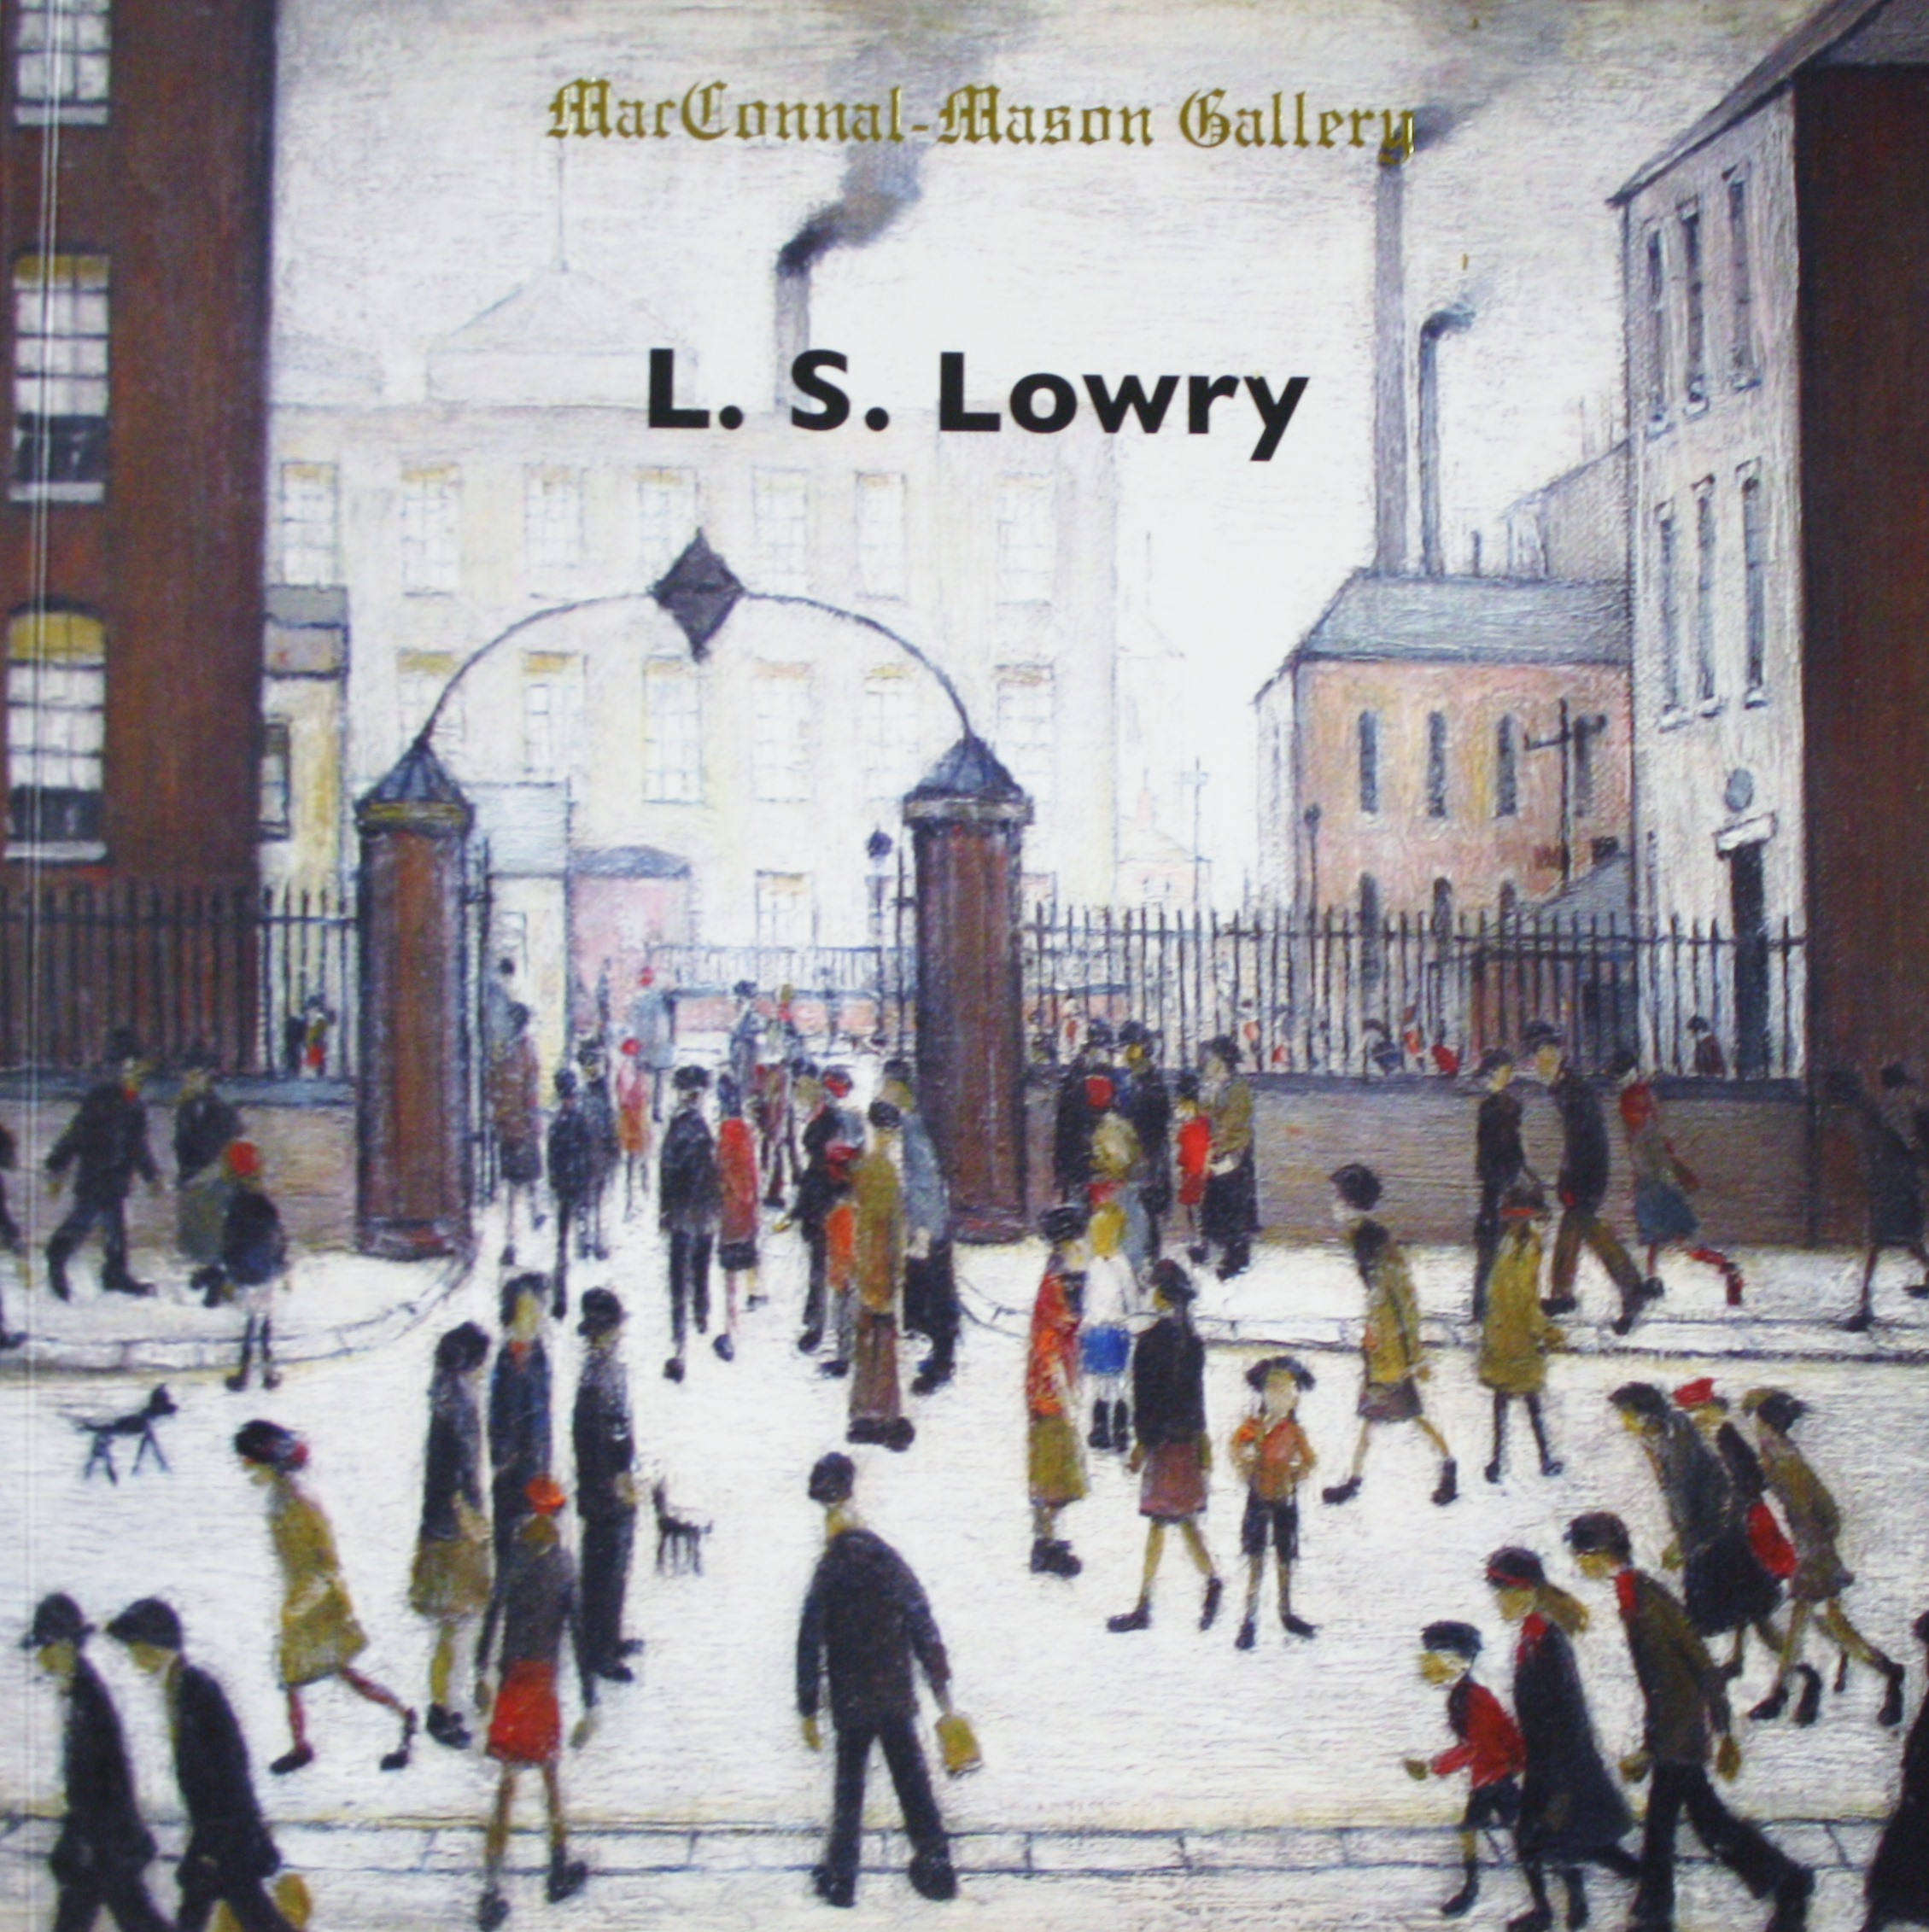 MarConnal Mason Gallery